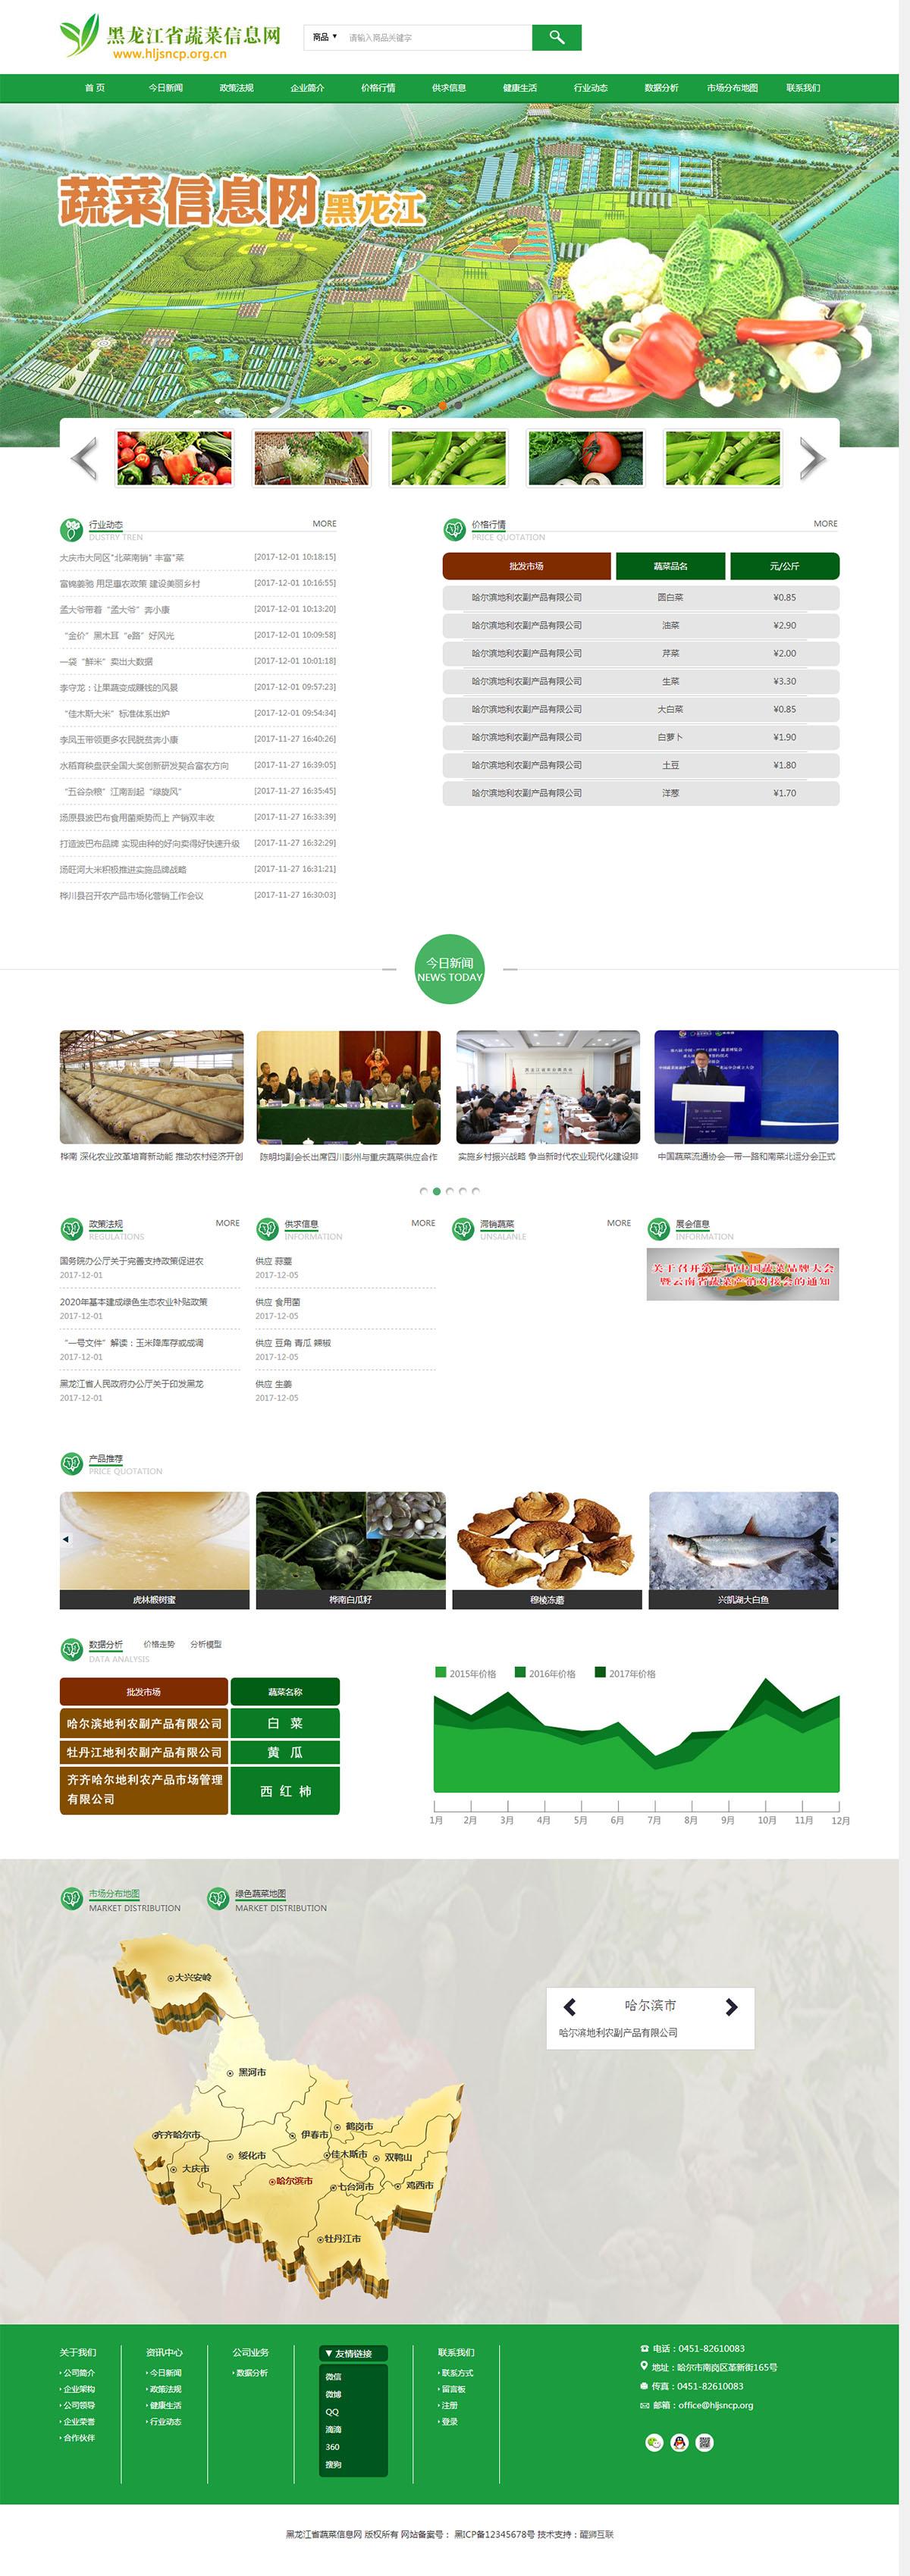 黑龙江省蔬菜信息网